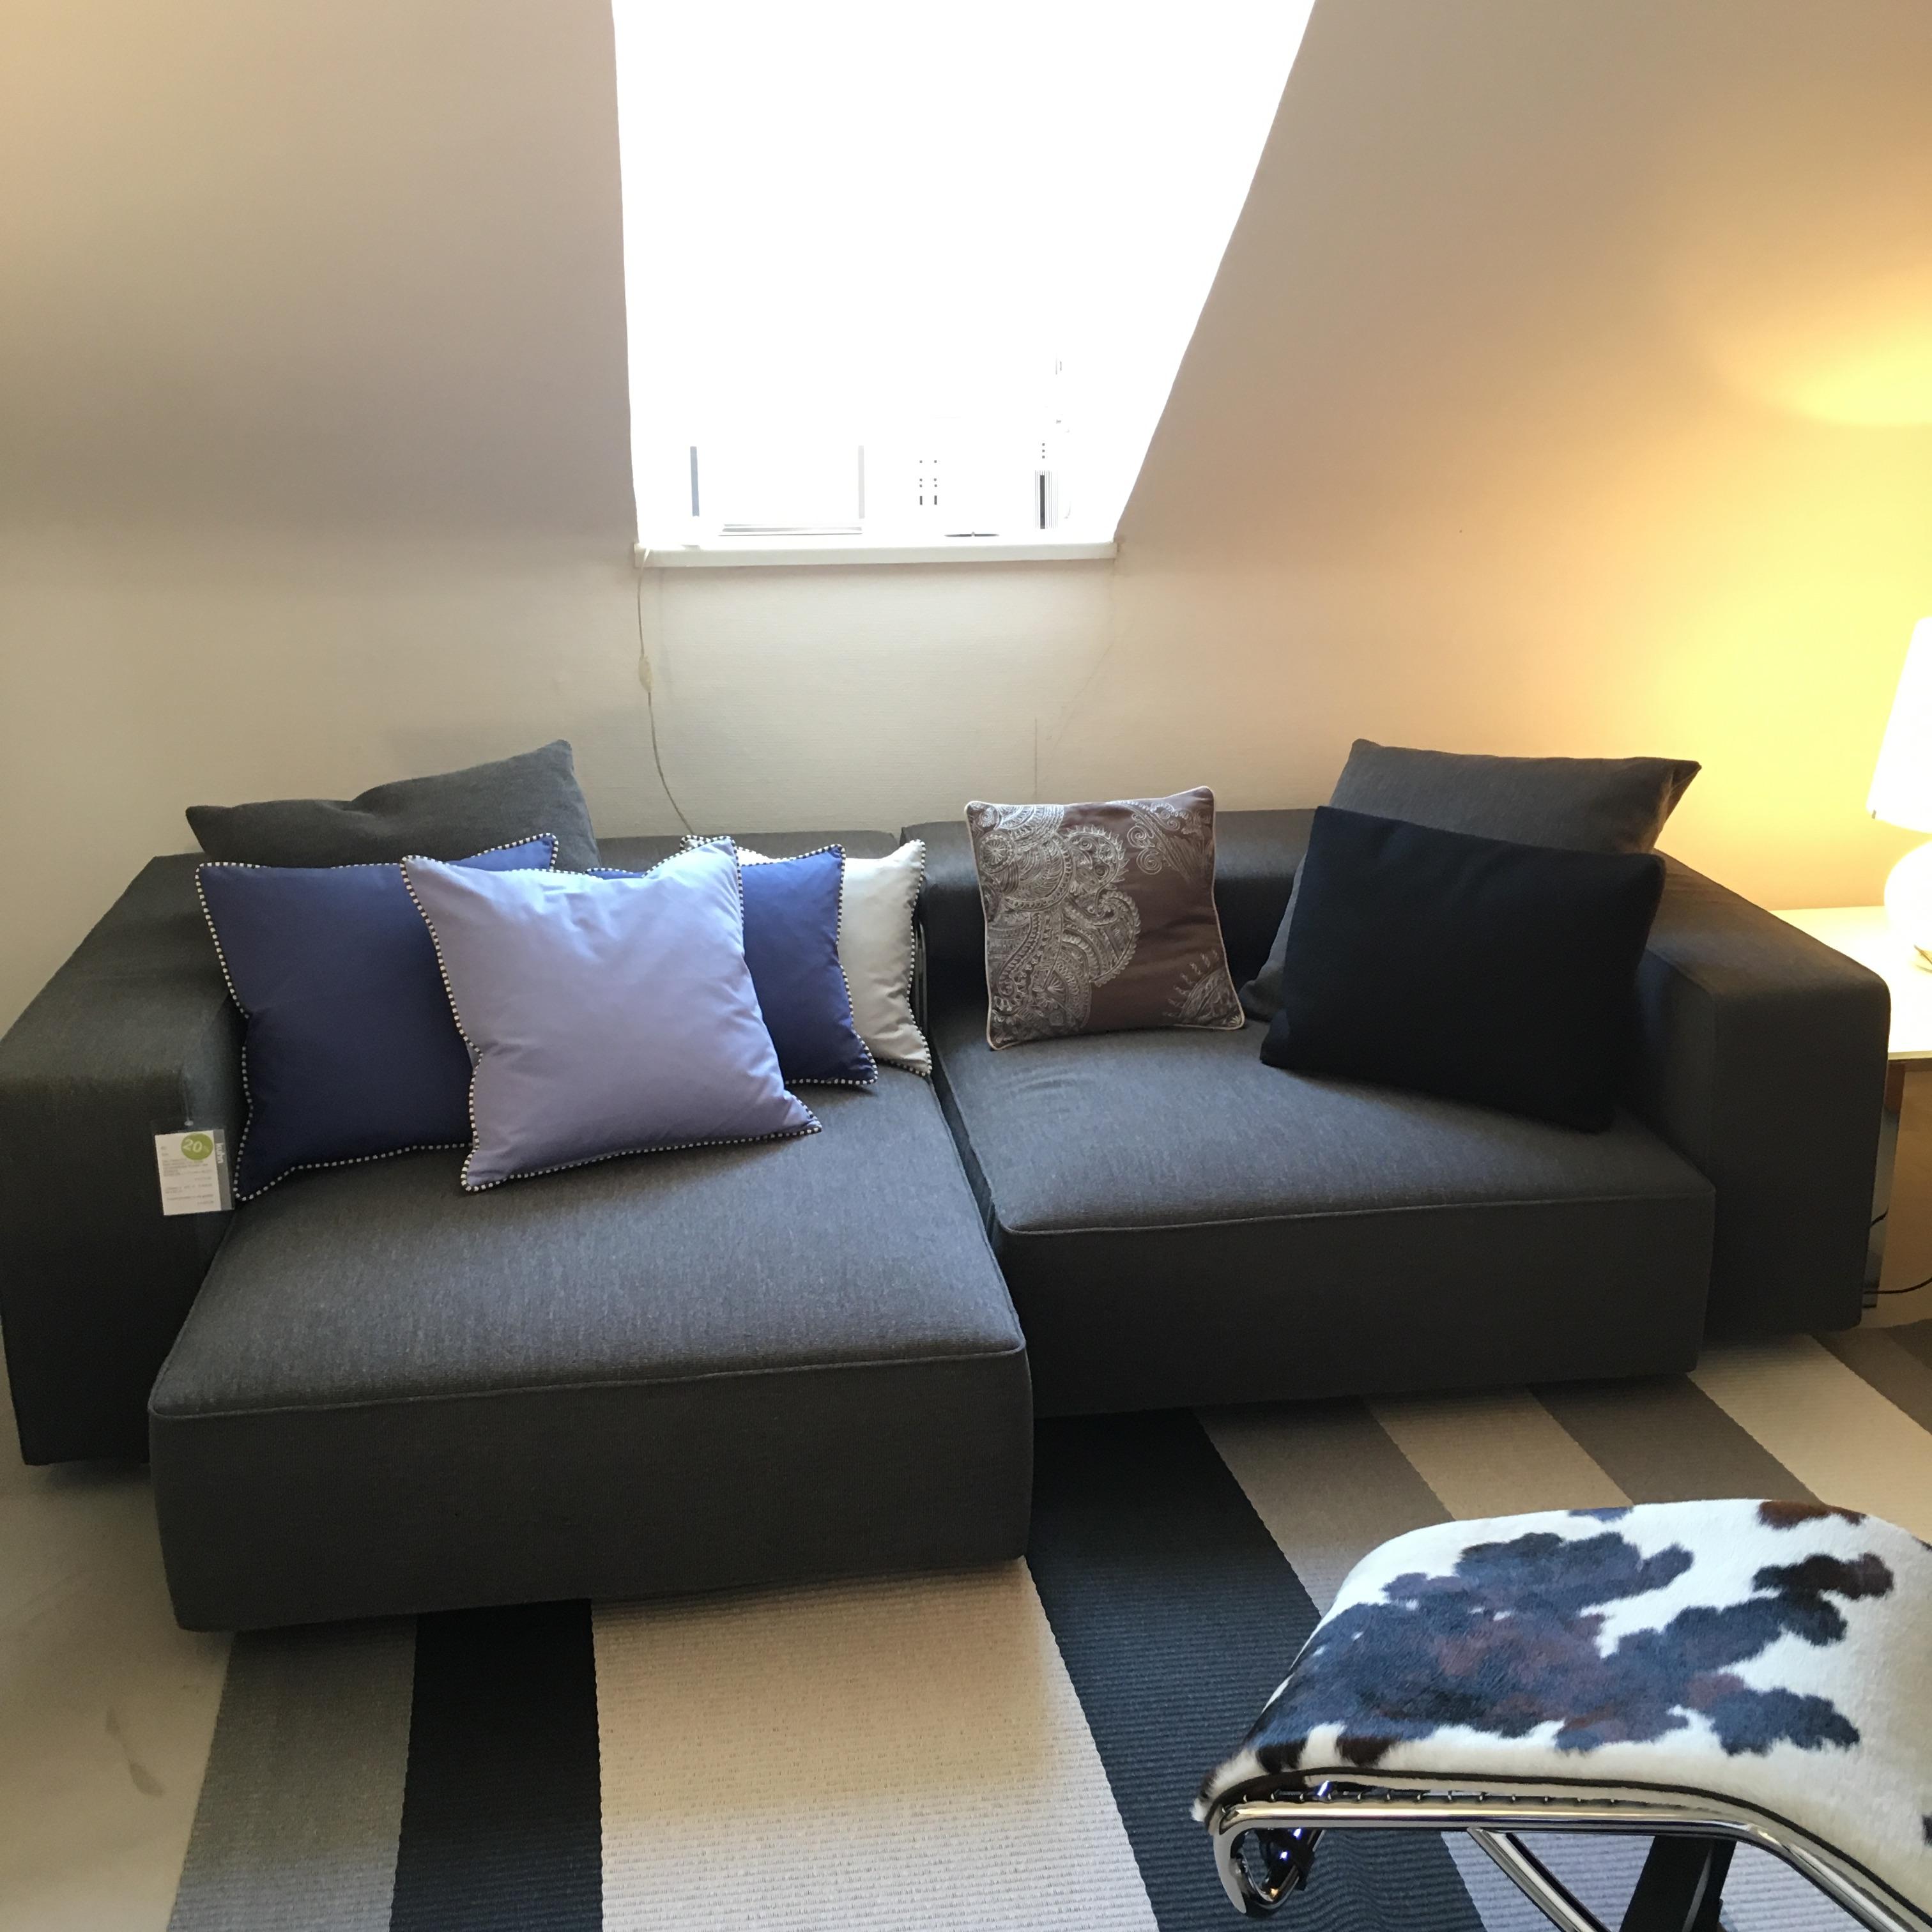 gro z gig sofas ausstellungsstucke ideen die besten einrichtungsideen. Black Bedroom Furniture Sets. Home Design Ideas